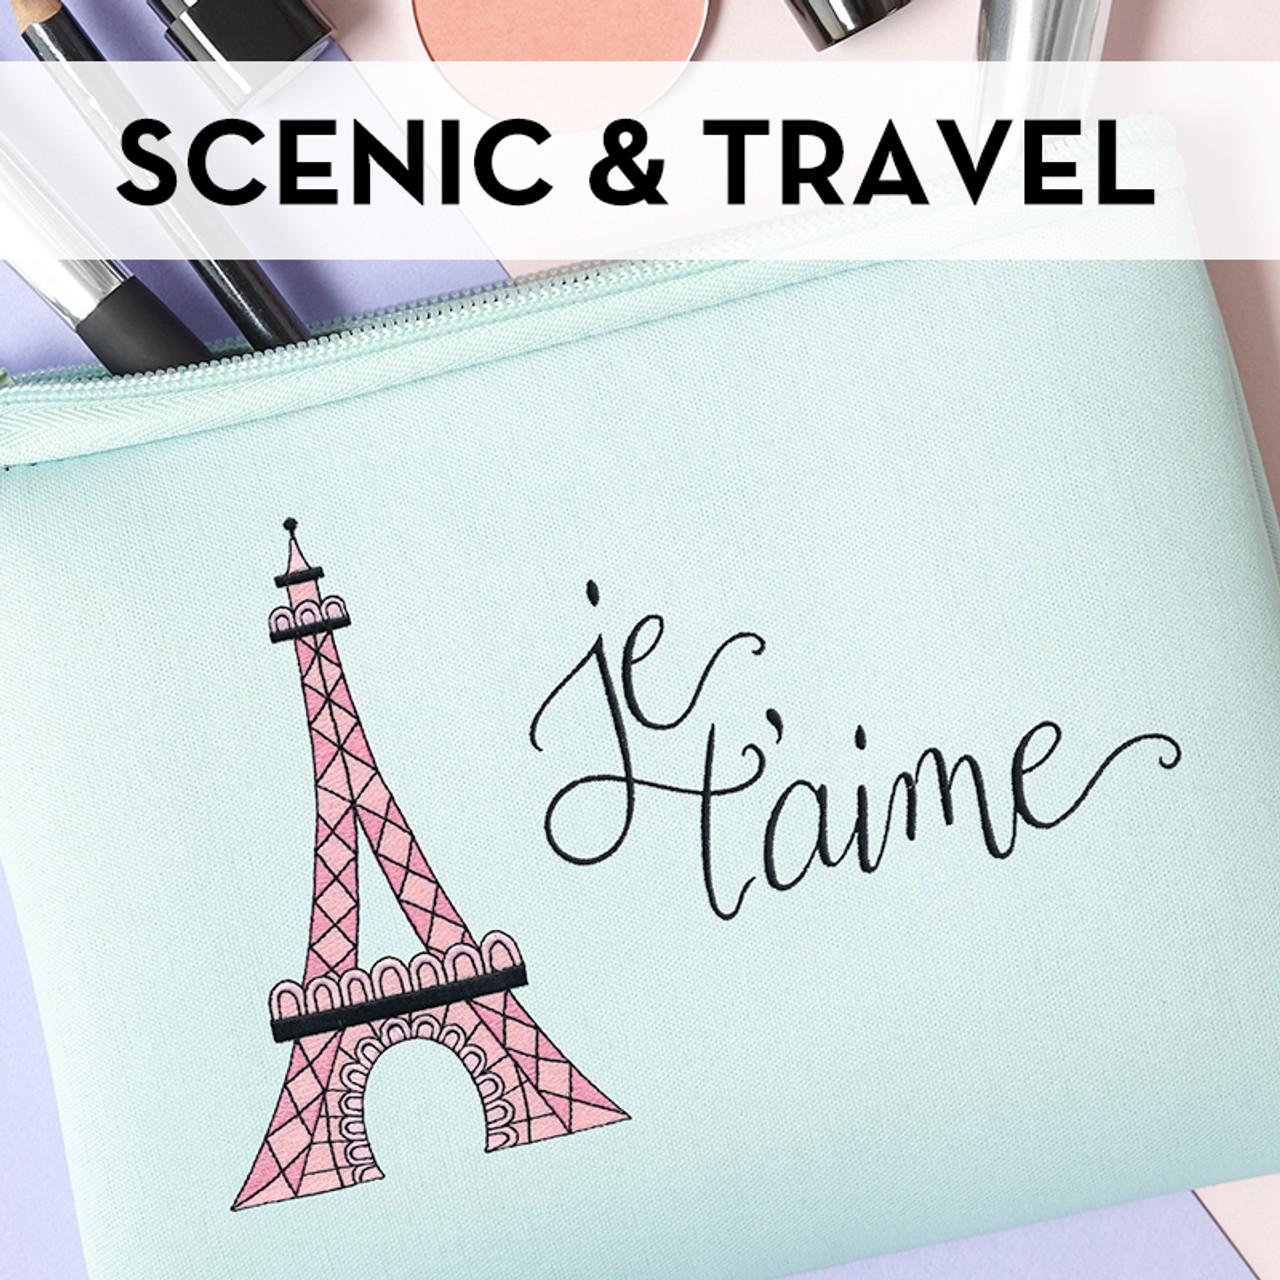 Scenic & Travel